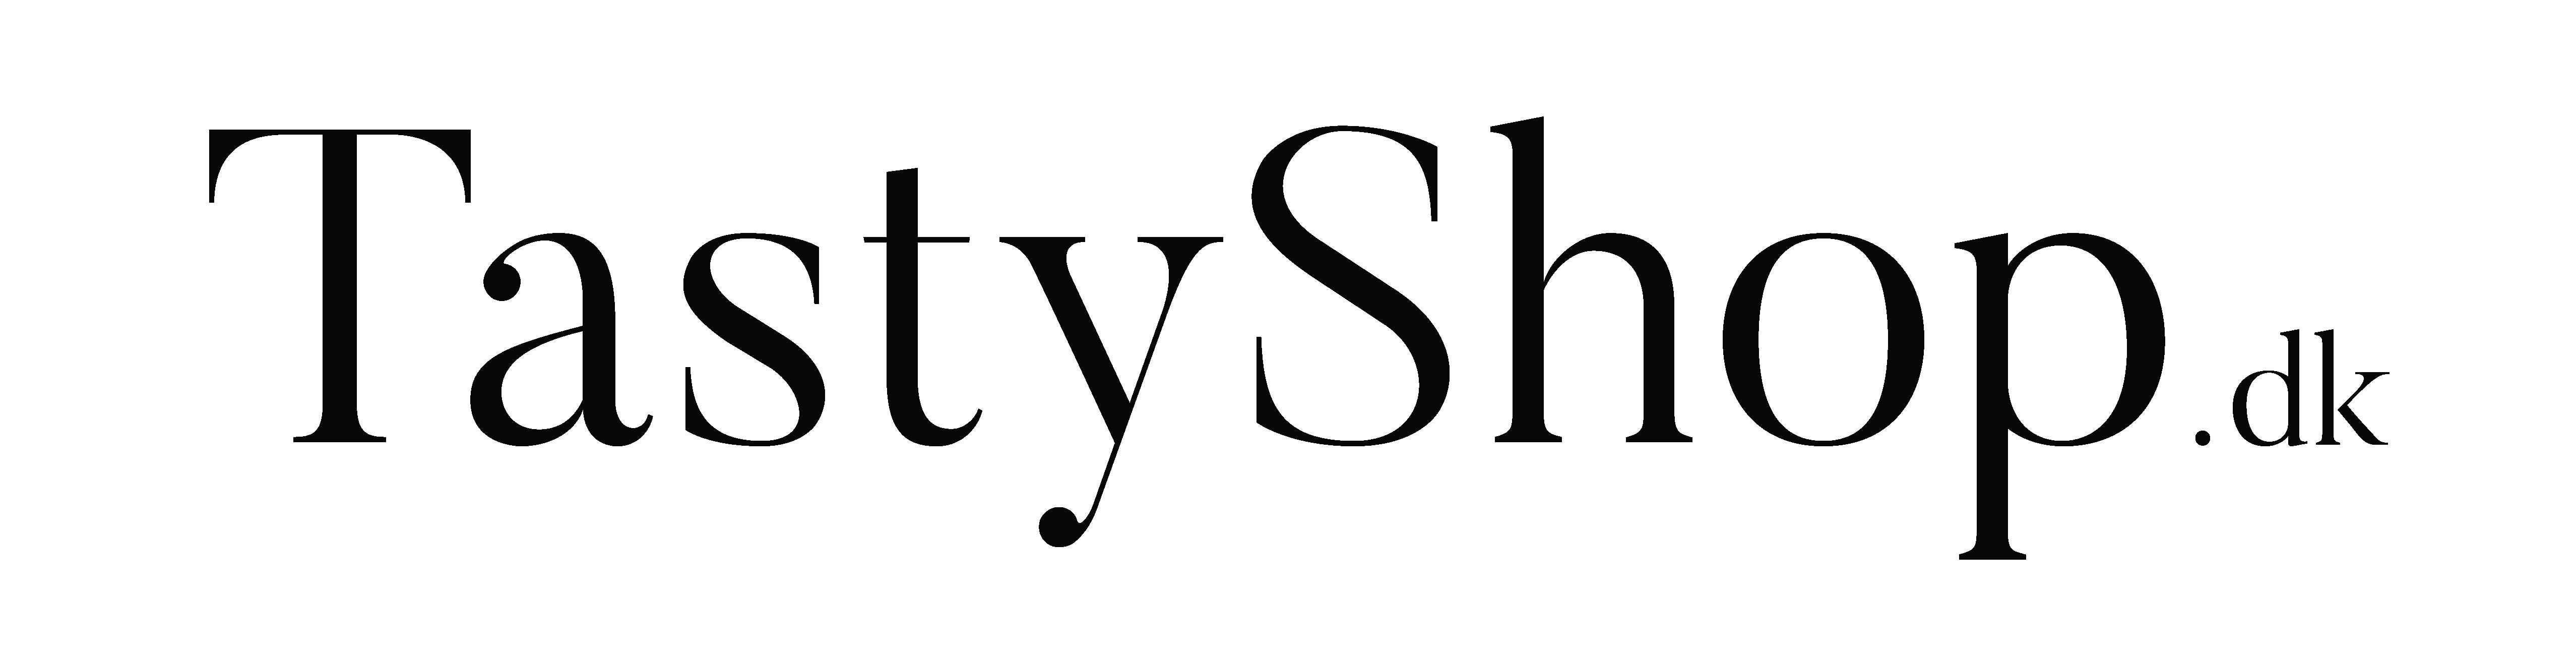 TastyShop.dk